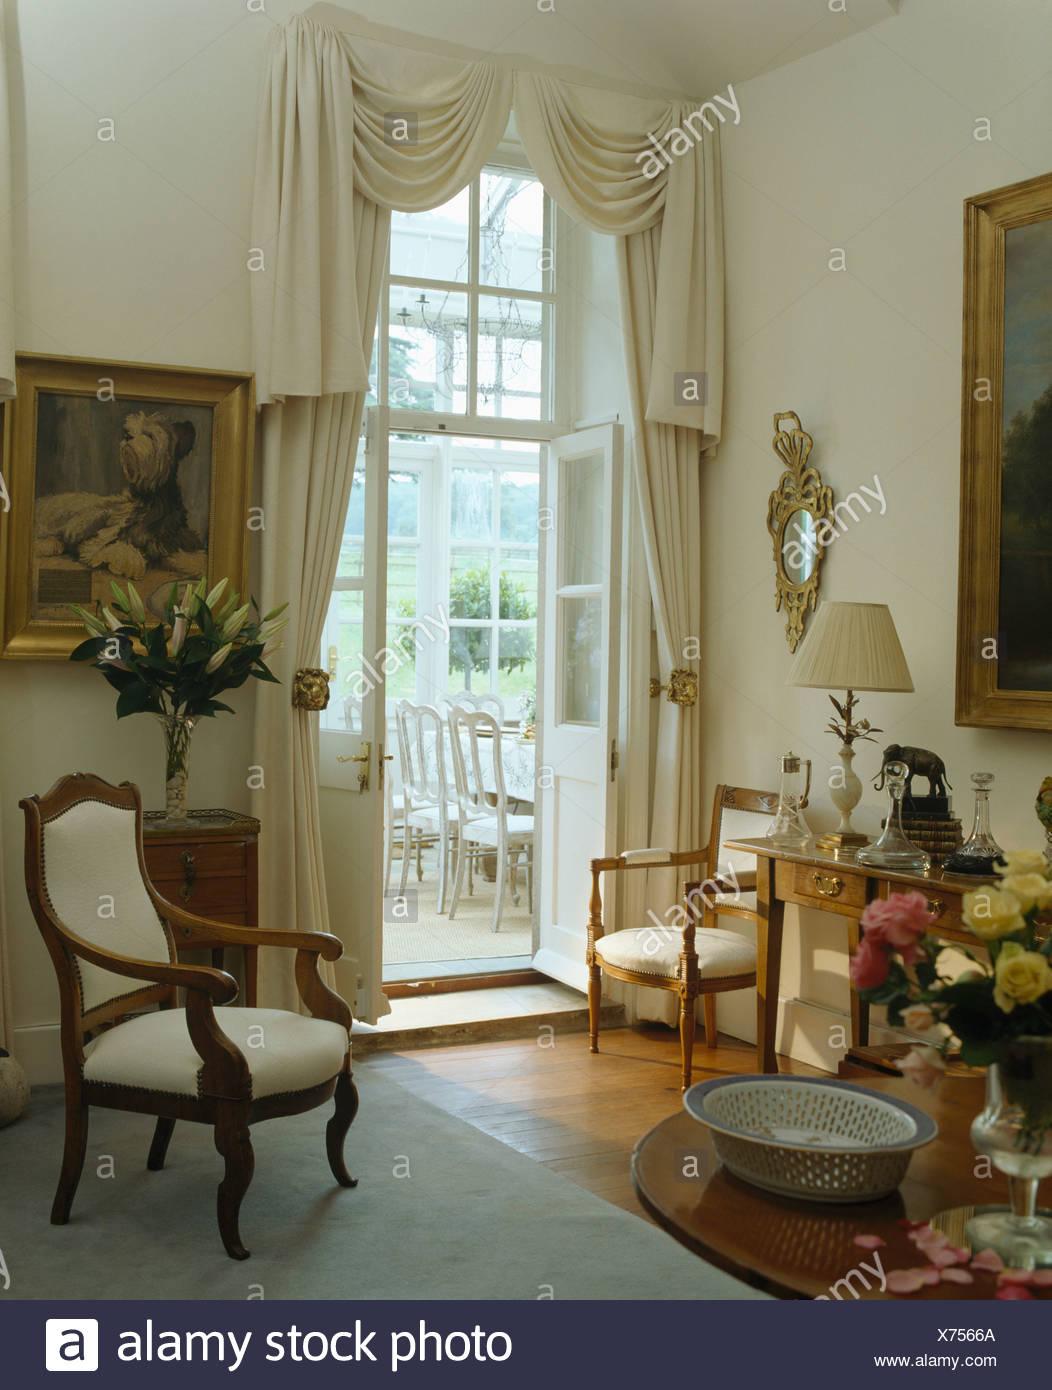 Rideau Pour Porte Fenetre fauteuil recouvert de crème dans le pays avec des rideaux